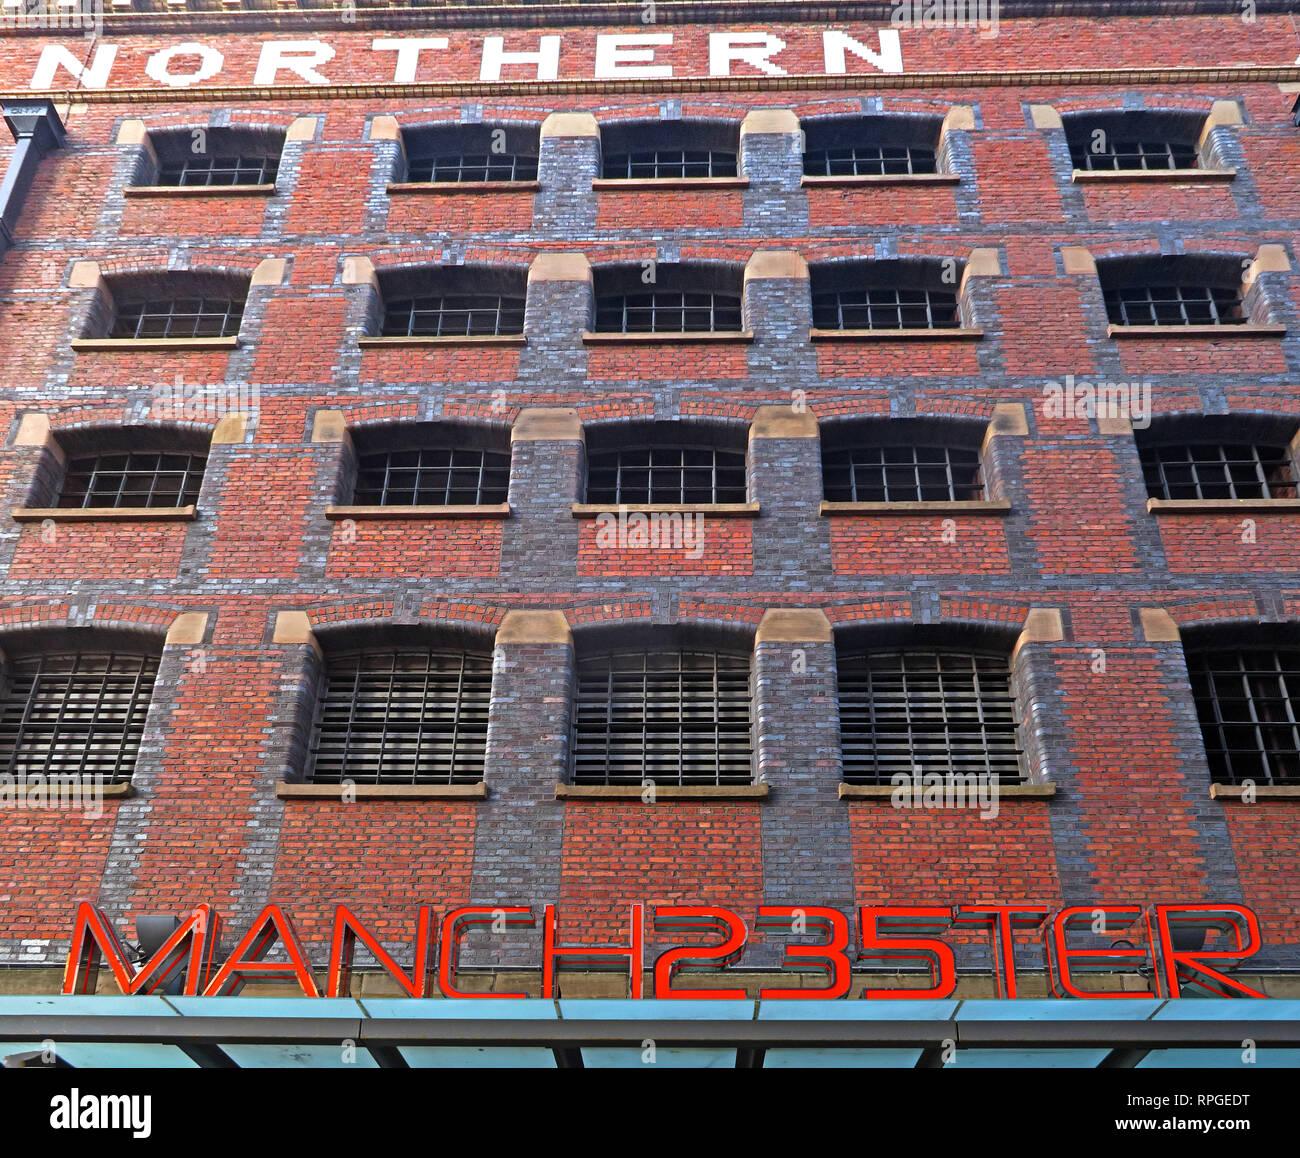 Laden Sie dieses Alamy Stockfoto Manchester 235 Manch 235 ter Casino, Great Northern Lager, Deansgate, Manchester, England, Großbritannien - 2 Watson Street, Manchester M3 4LP - RPGEDT